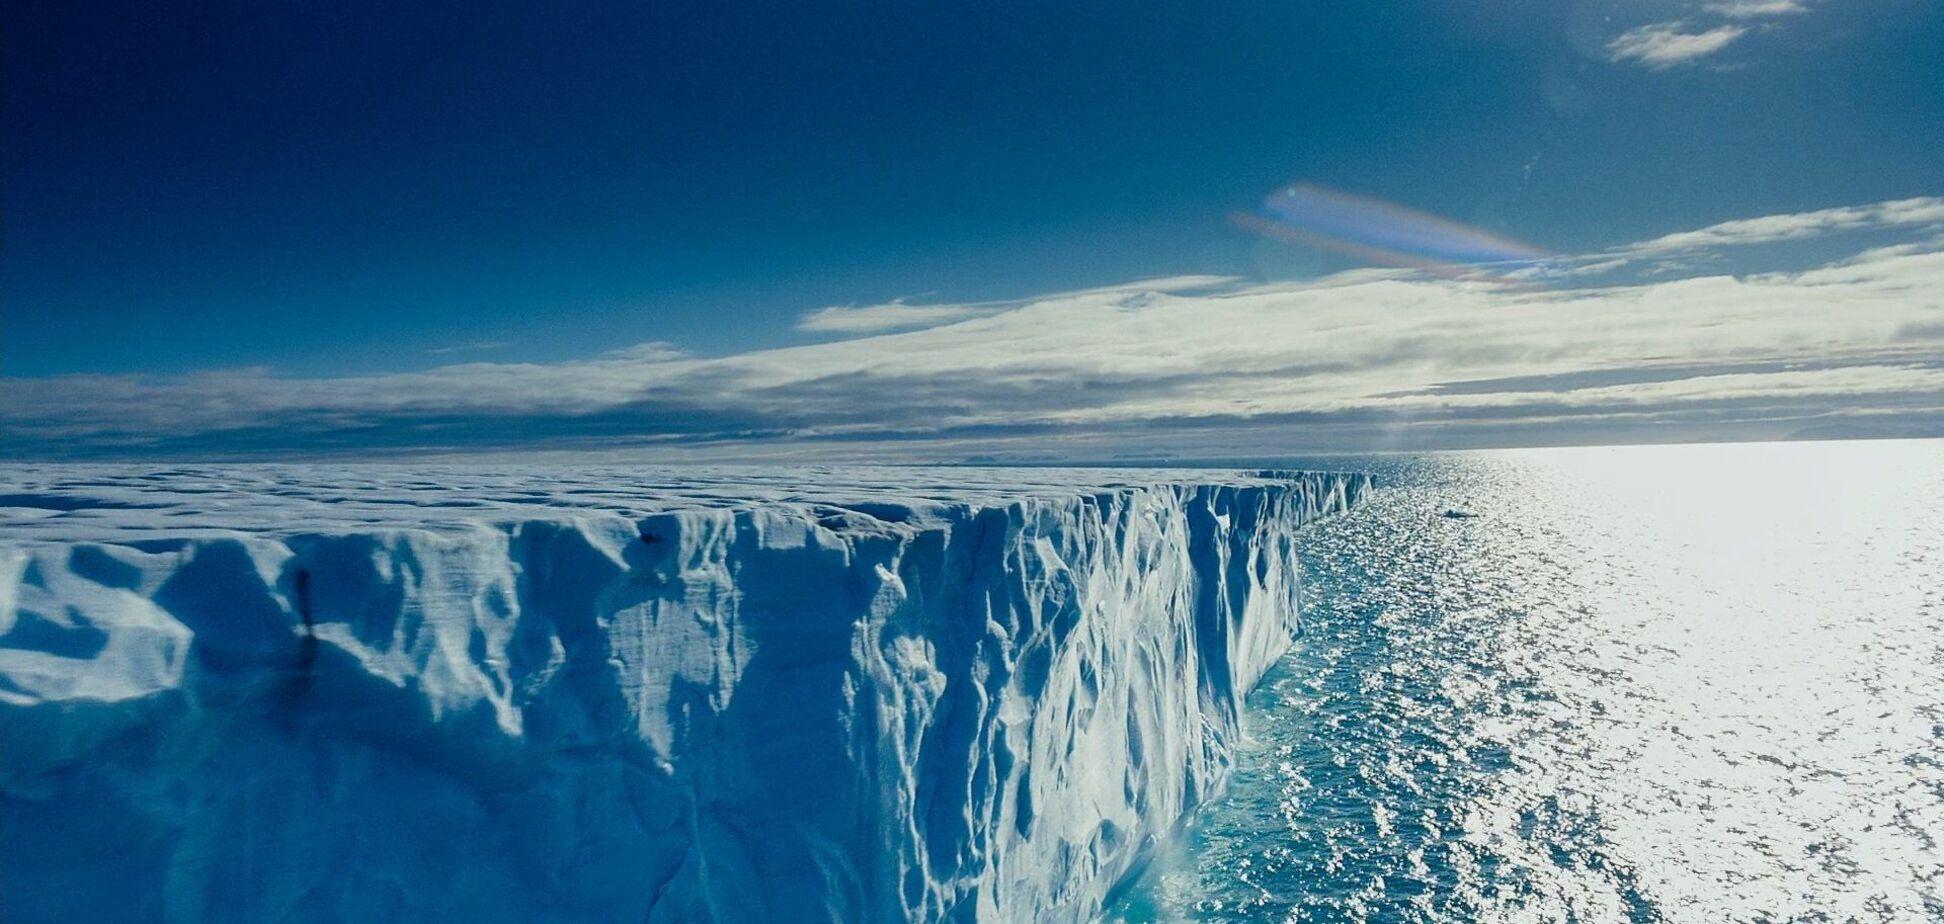 Ученые нашли 'вечные' химикатыв тающих льдах Арктики: чем они опасны